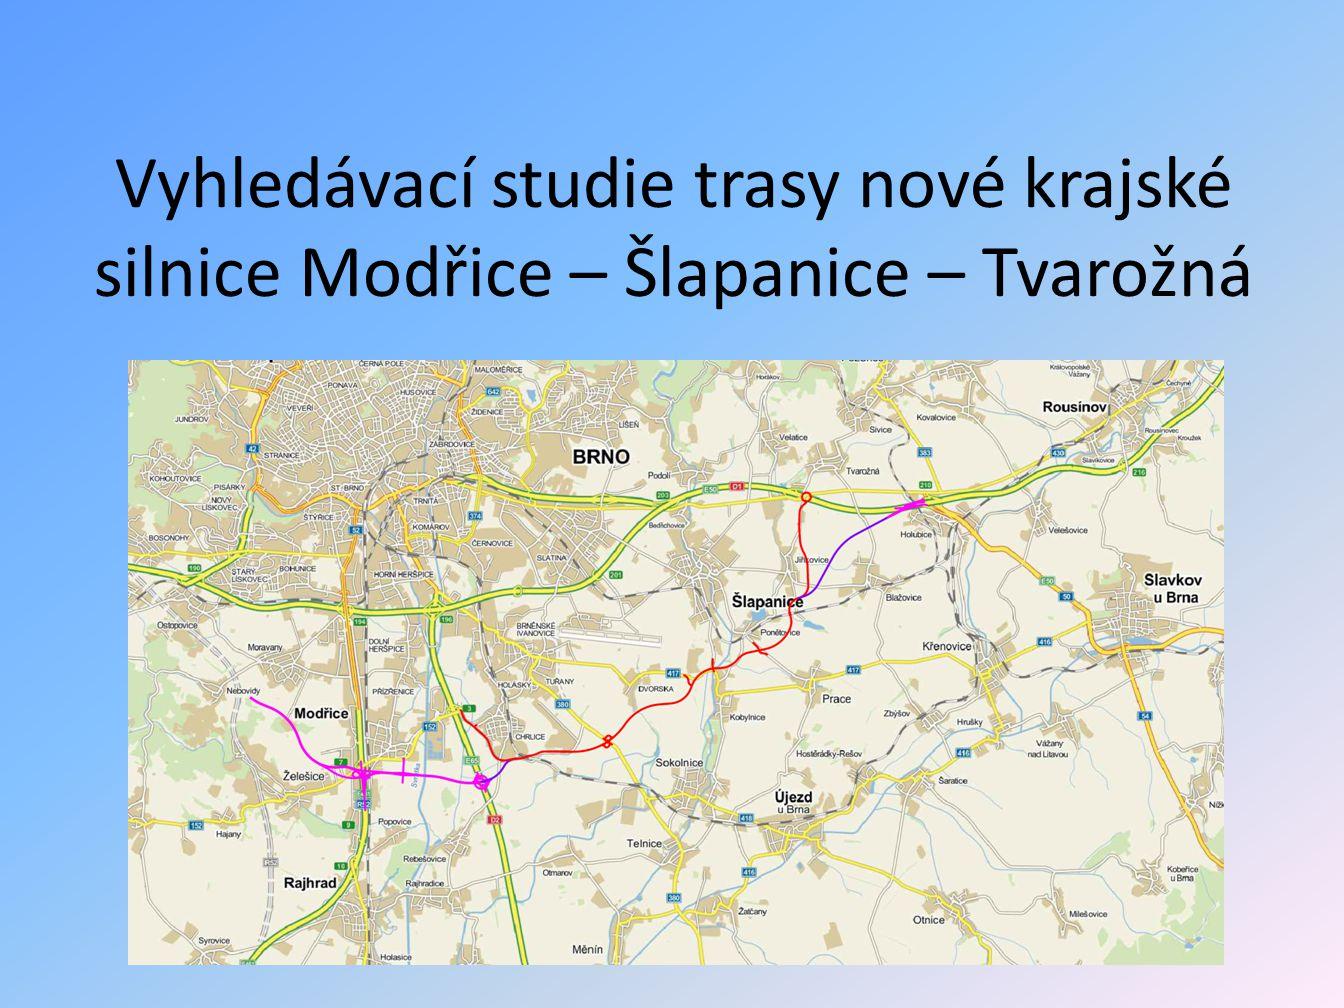 Vyhledávací studie trasy nové krajské silnice Modřice – Šlapanice – Tvarožná